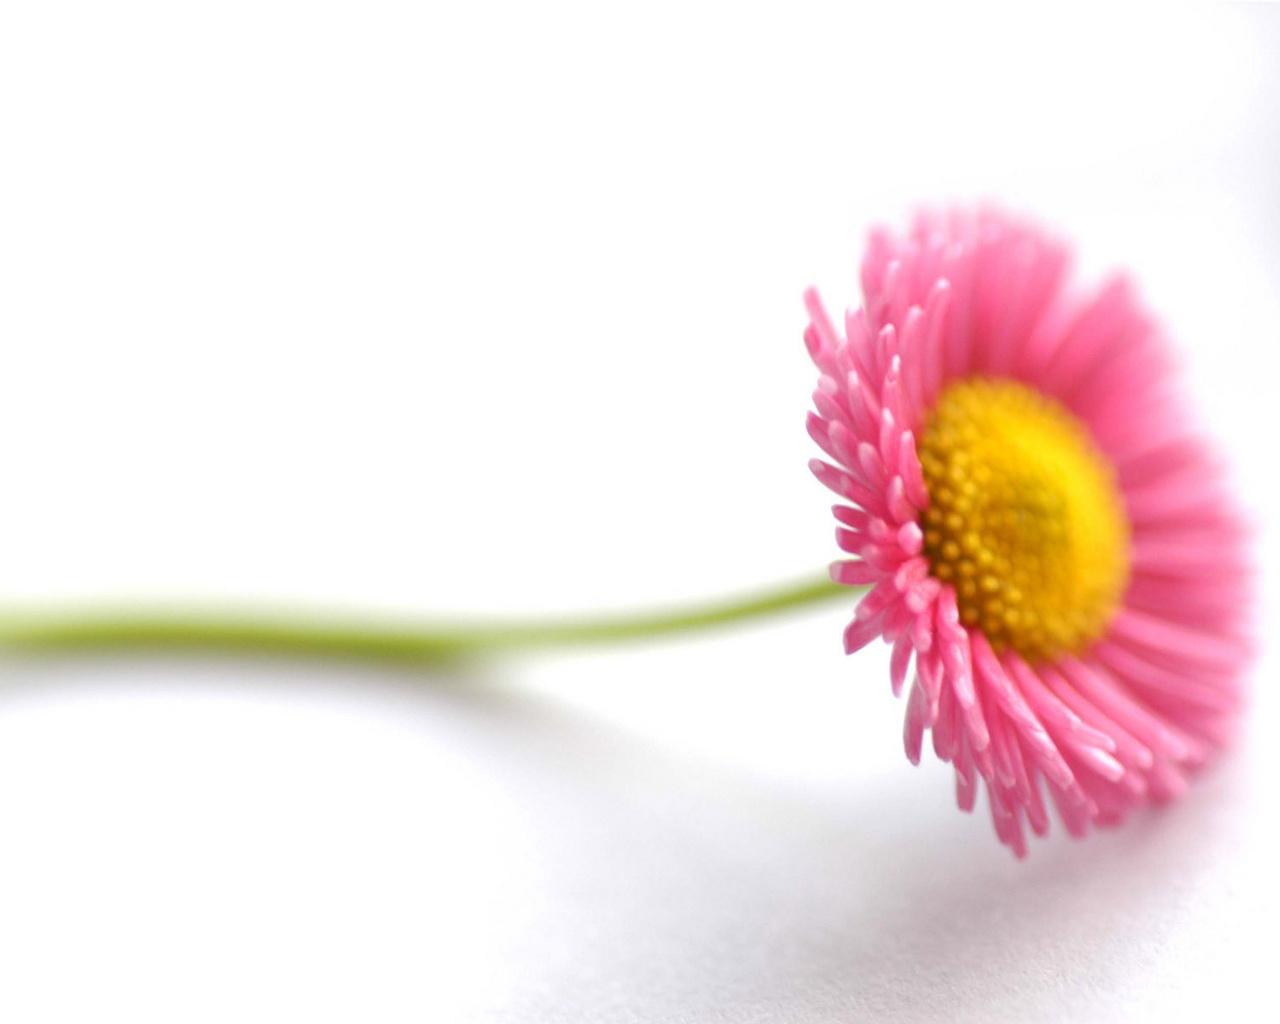 வால்பேப்பர்கள் ( flowers wallpapers ) - Page 3 Beautiful_flower-normal5.4